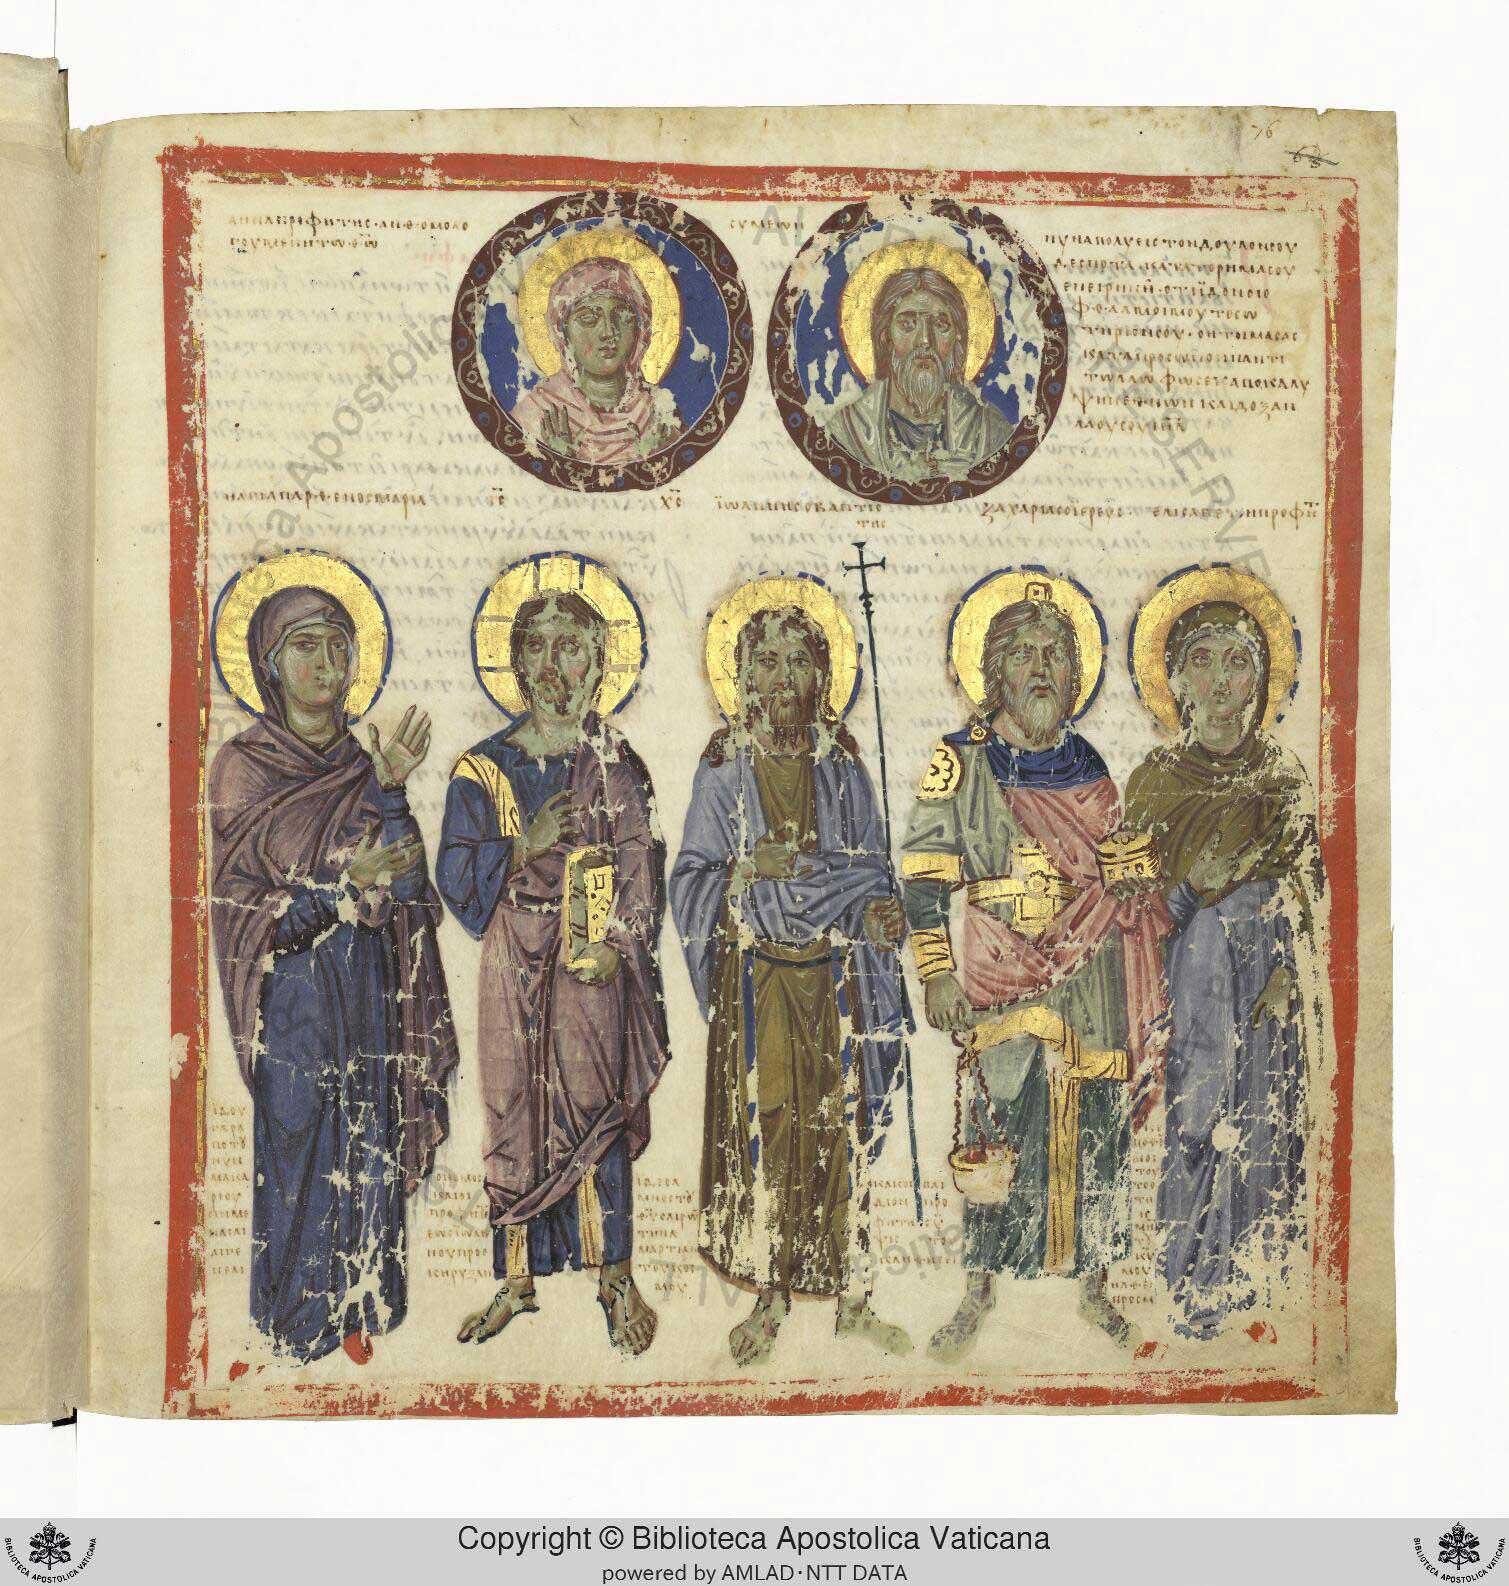 Богоматерь, Иисус Христос, Иоанн Креститель, Захария, Елизавета, Анна и Симеон